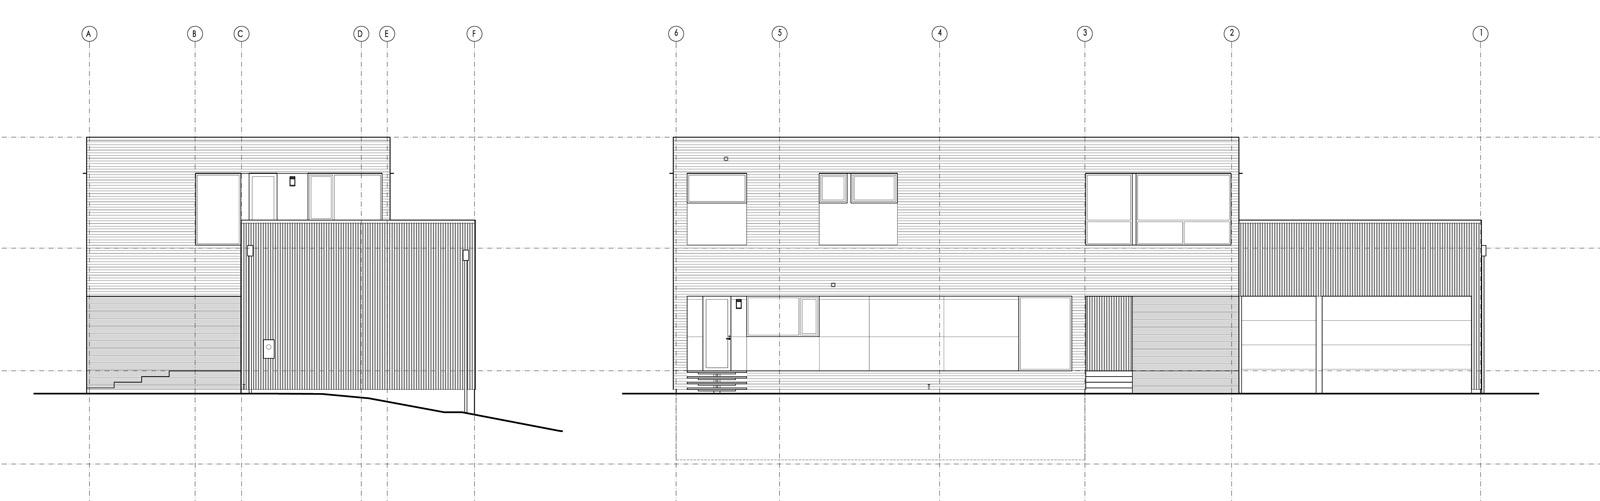 BUILD-LLC-Elevations-01